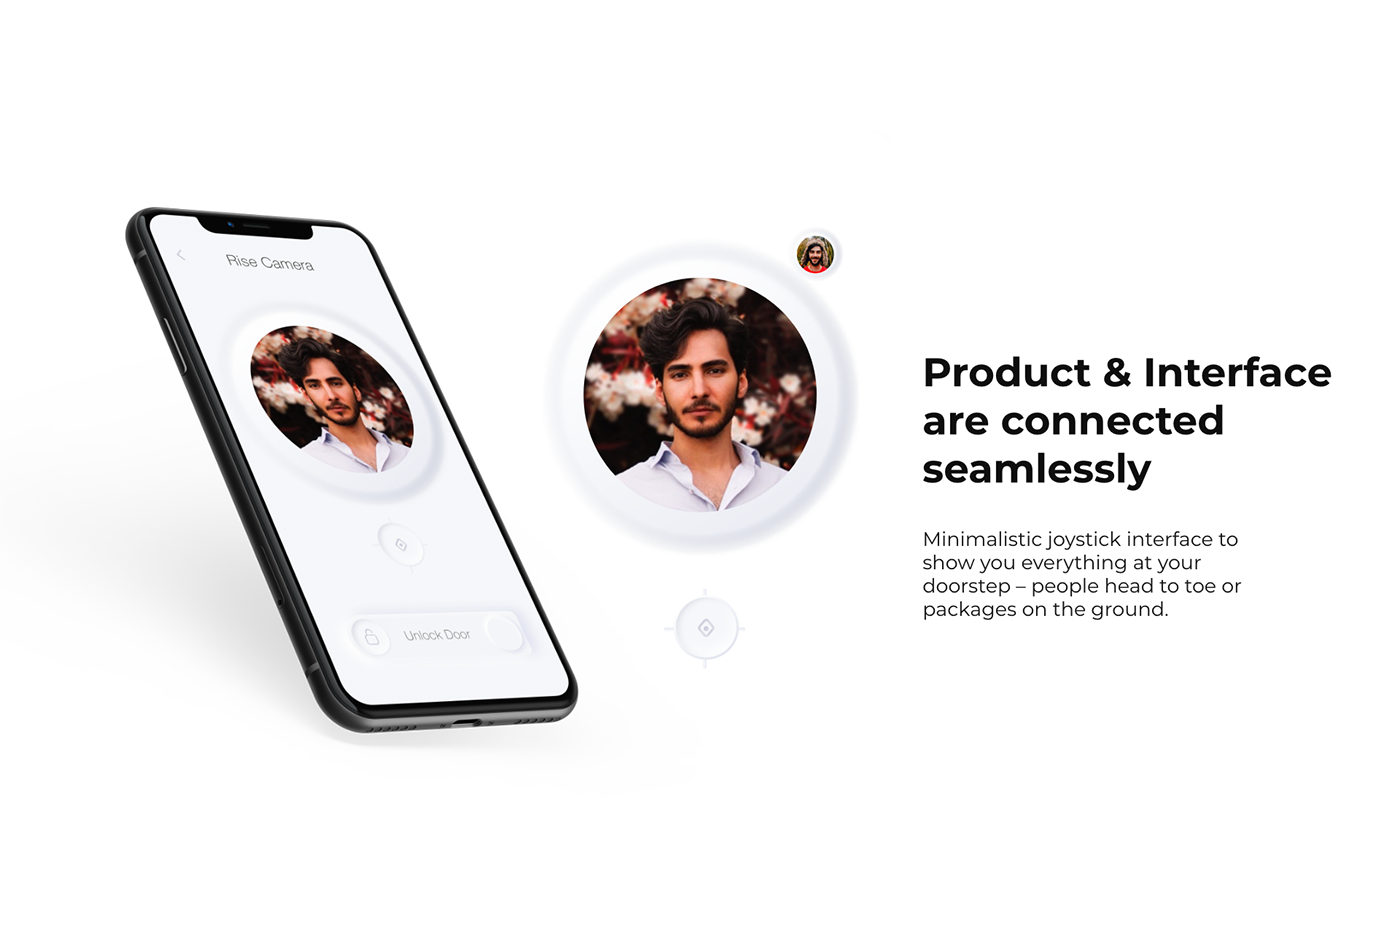 camera cmf industrial design  minimal ui Neo morphism security ui design video chat Video Door Bell Behance